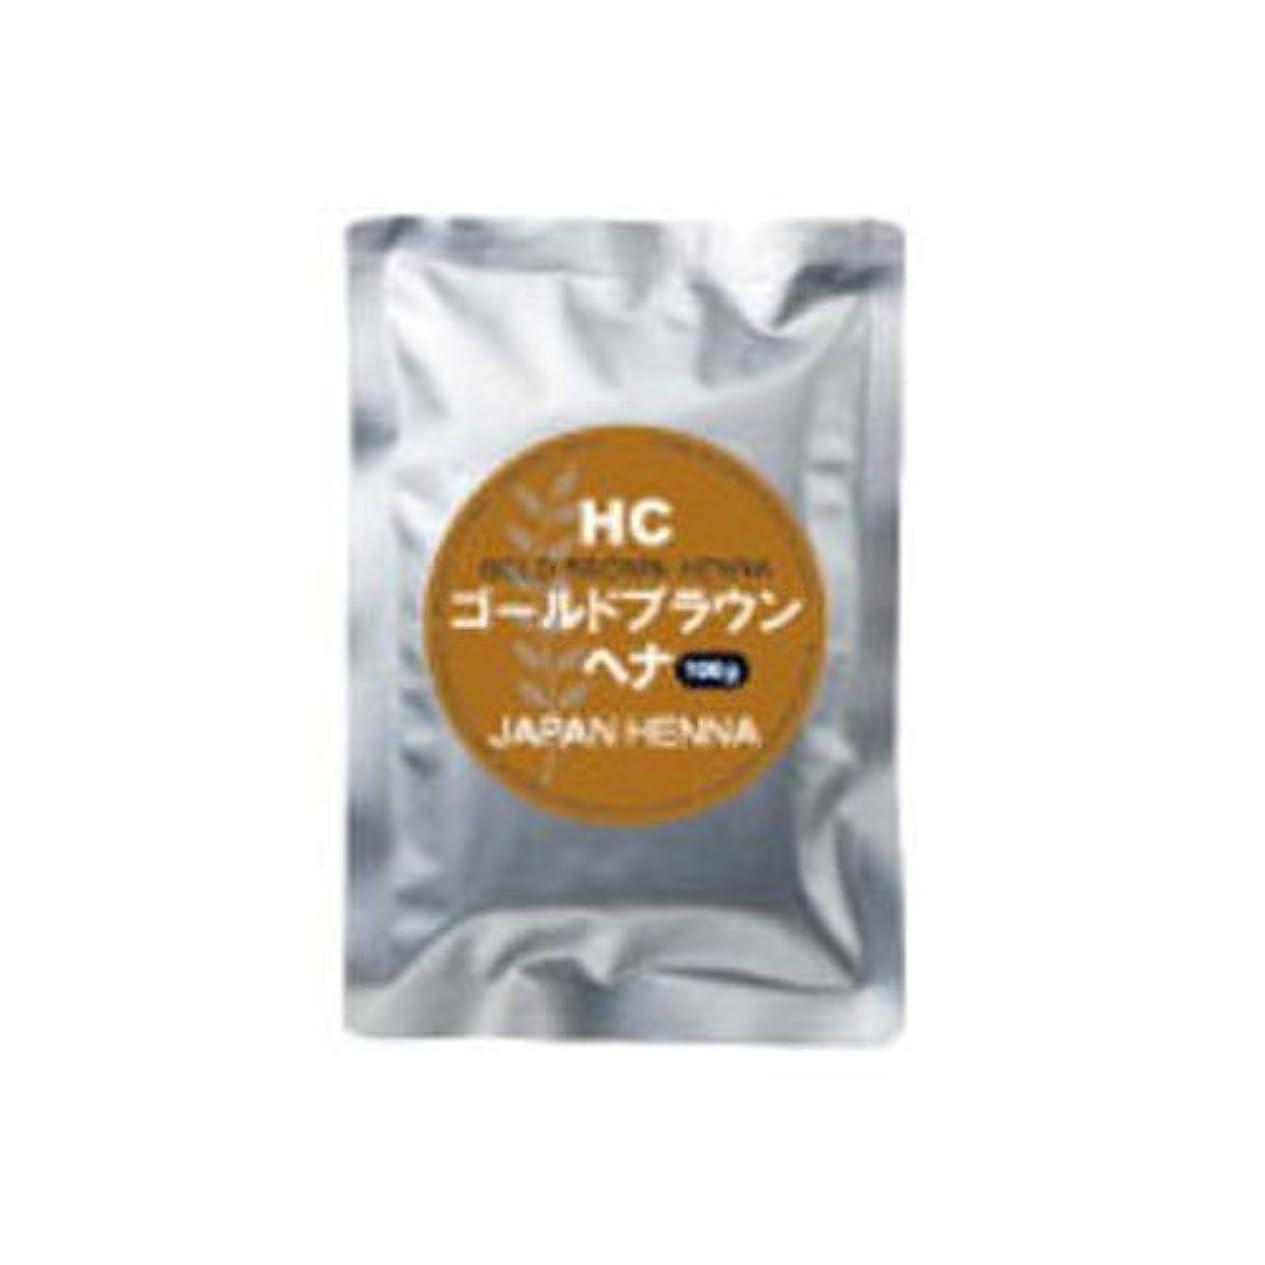 包帯きゅうり笑ジャパンヘナ ゴールドブラウントリートメント 100g